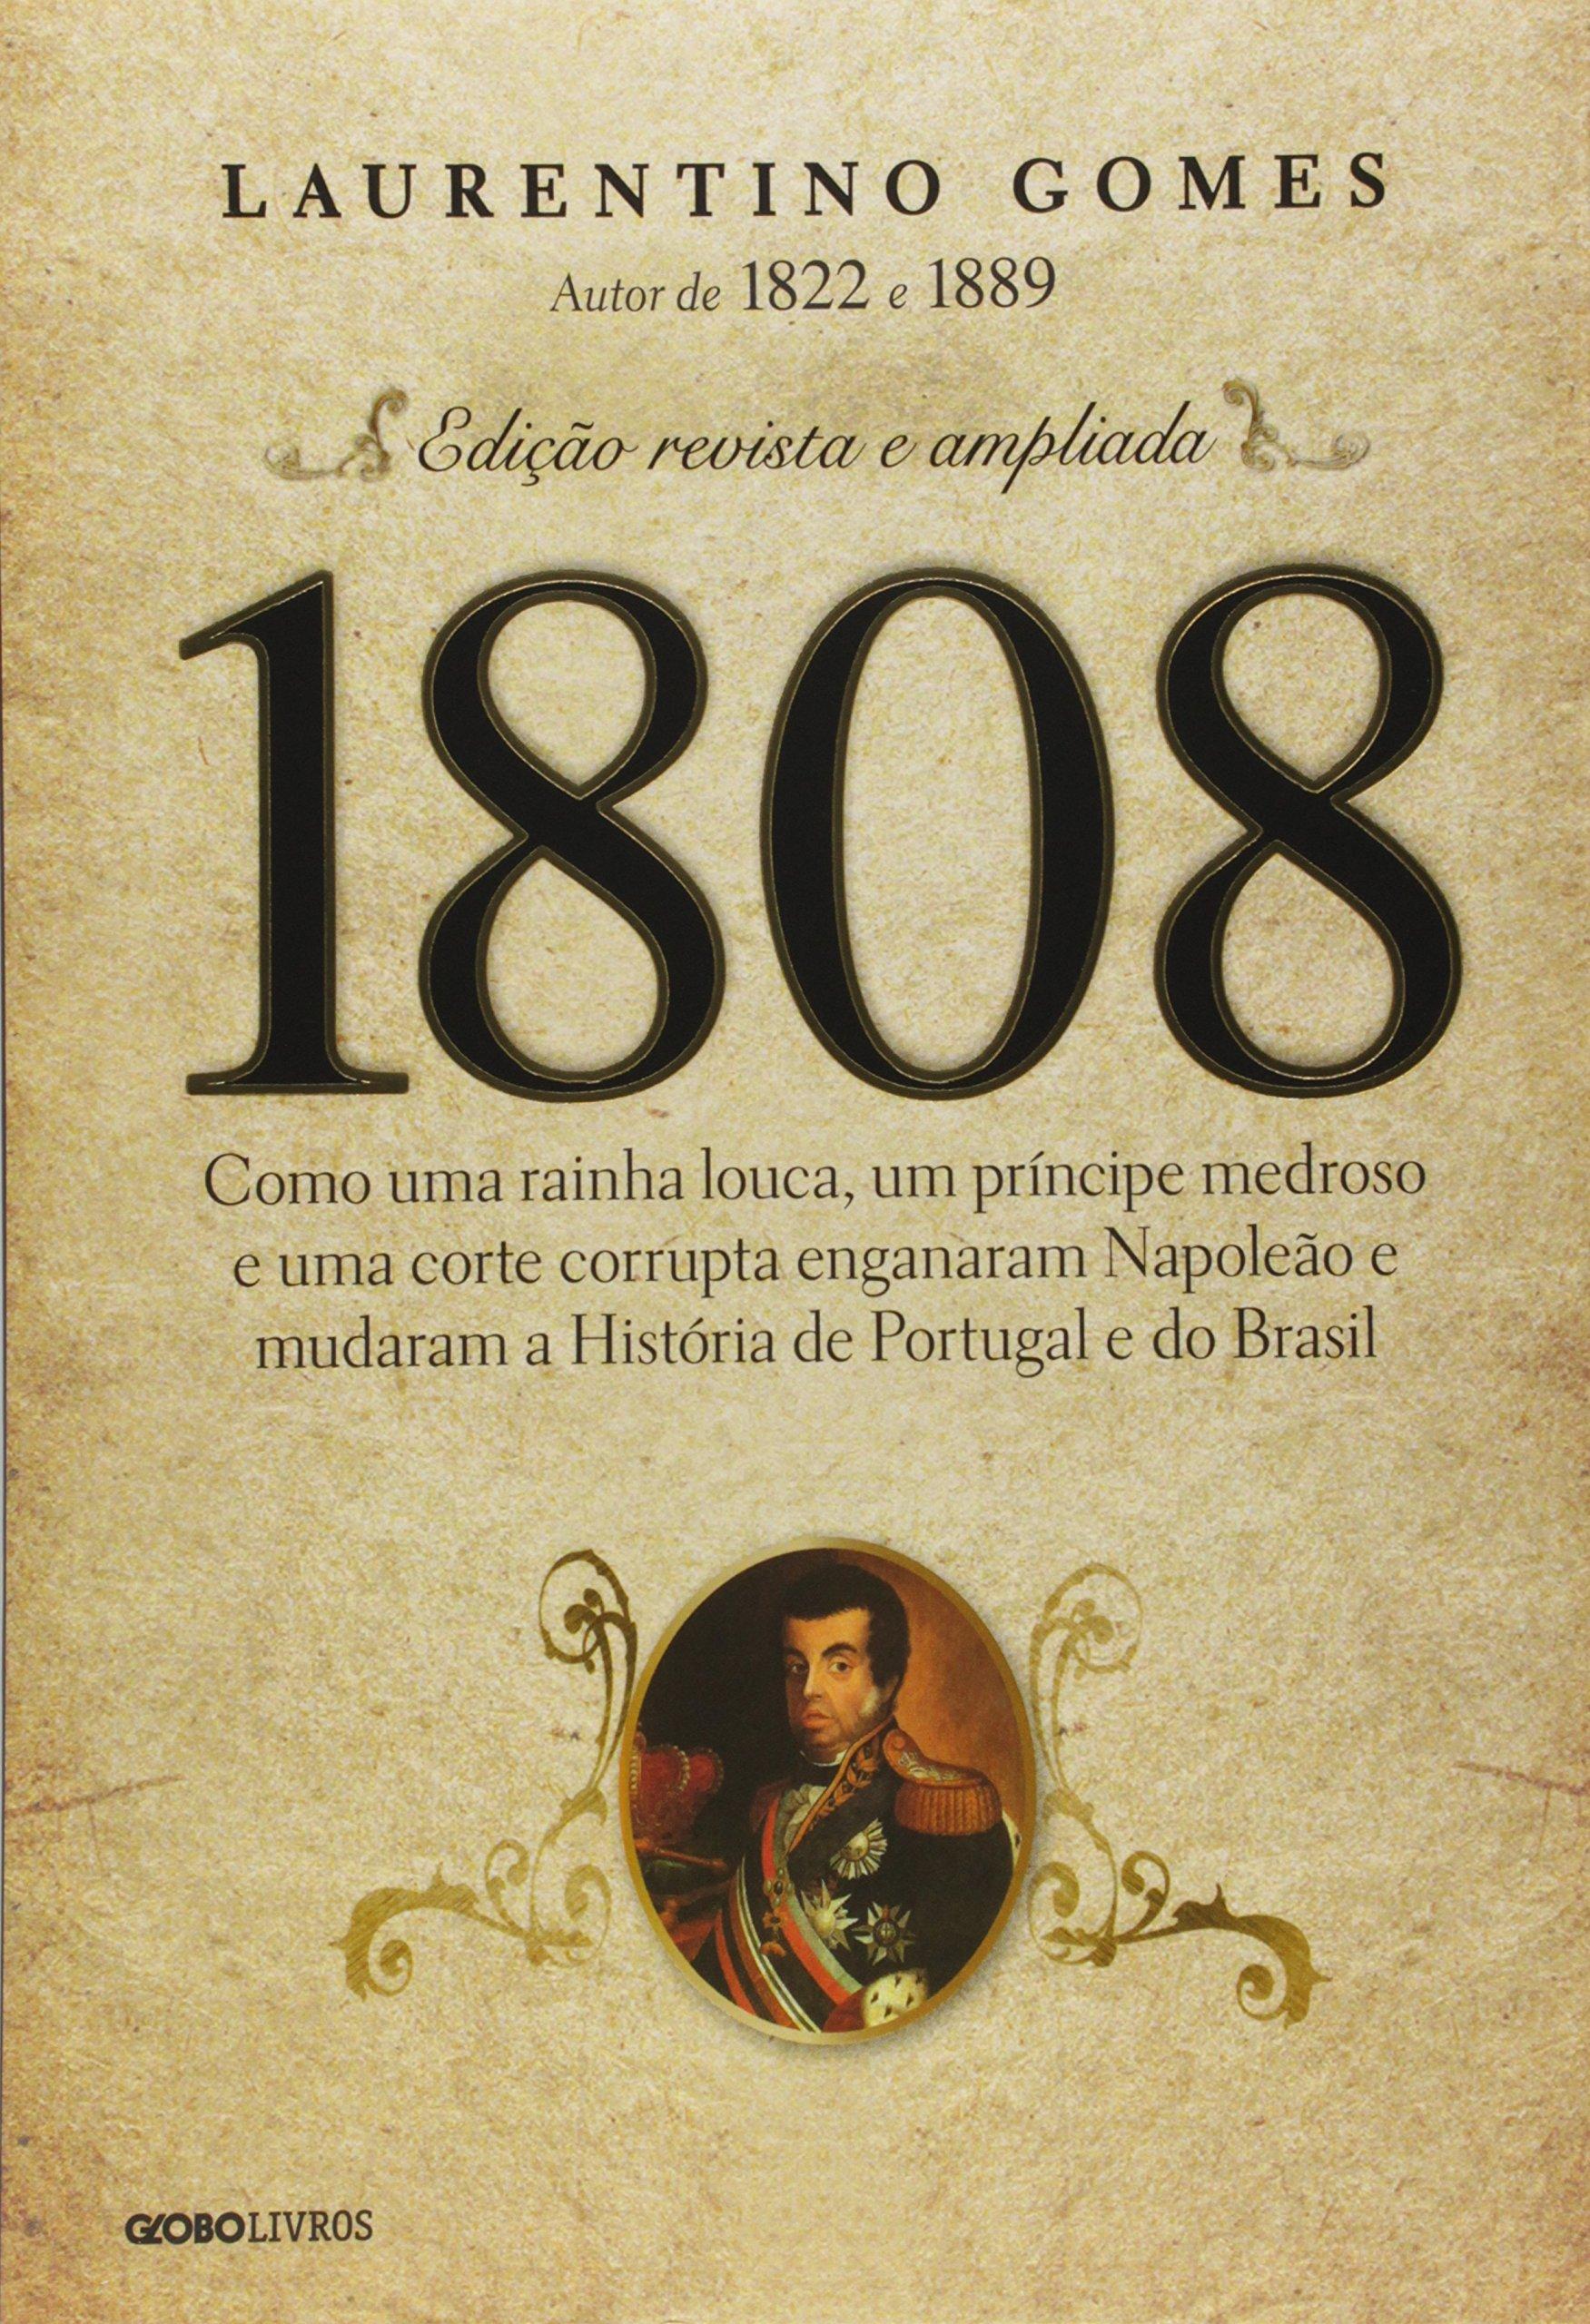 1808 - Edicao Revista e Ampliada (Em Portugues do Brasil): Laurentino Gomes: 9788525057518: Amazon.com: Books